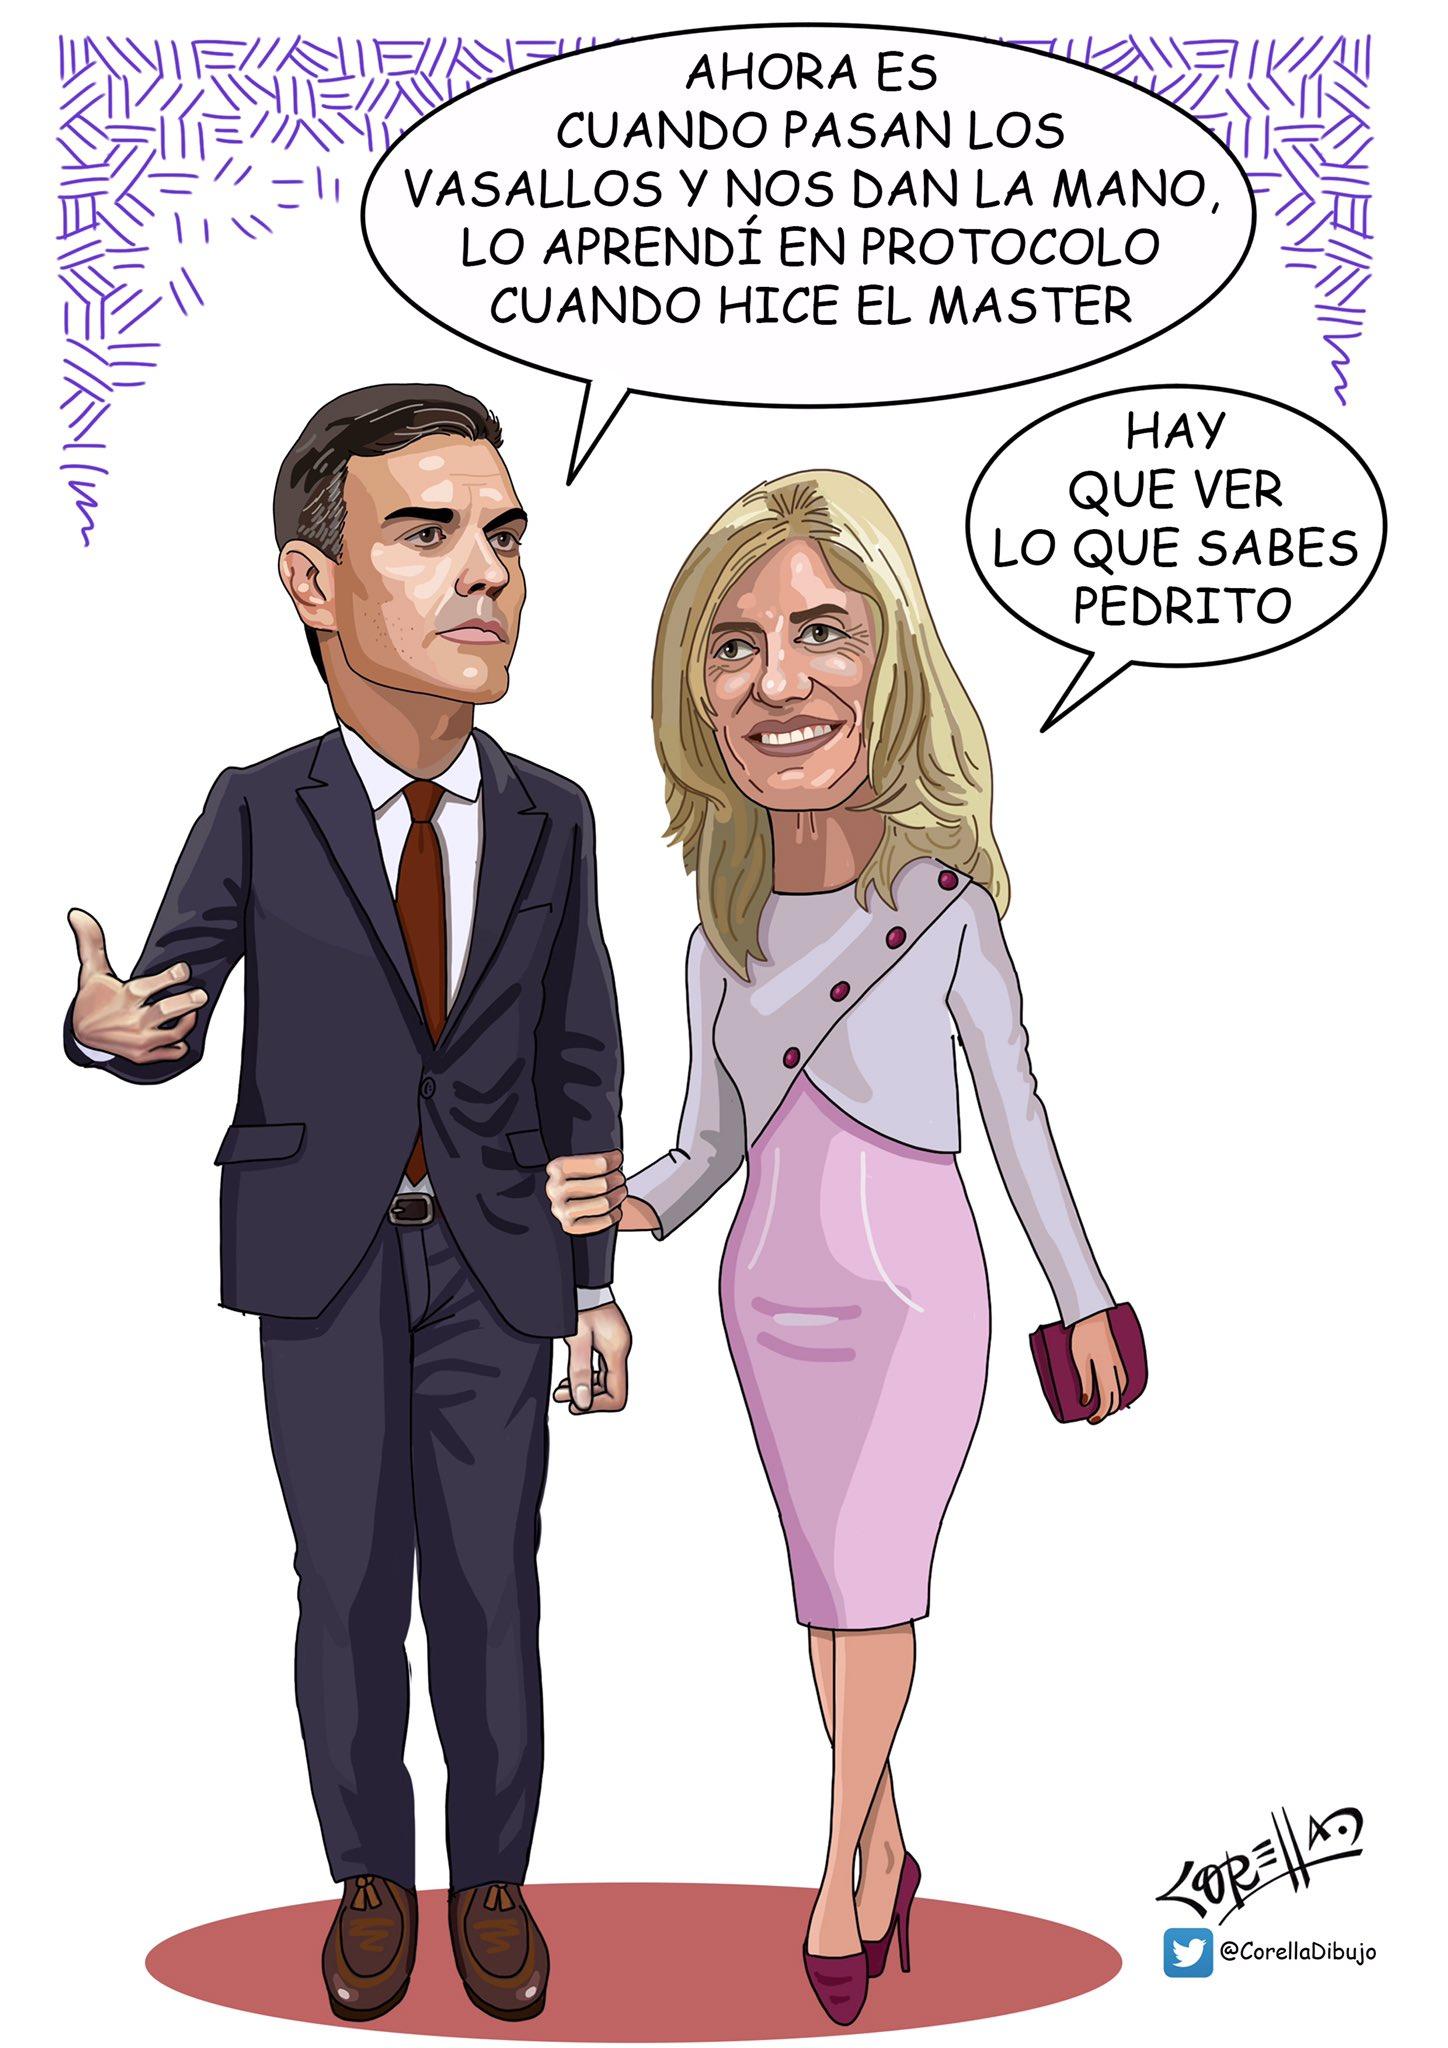 Fundación ideas y grupo PRISA, Pedro Sánchez Susana Díaz & Co, el topic del PSOE - Página 3 DpiThvXXUAEoETF